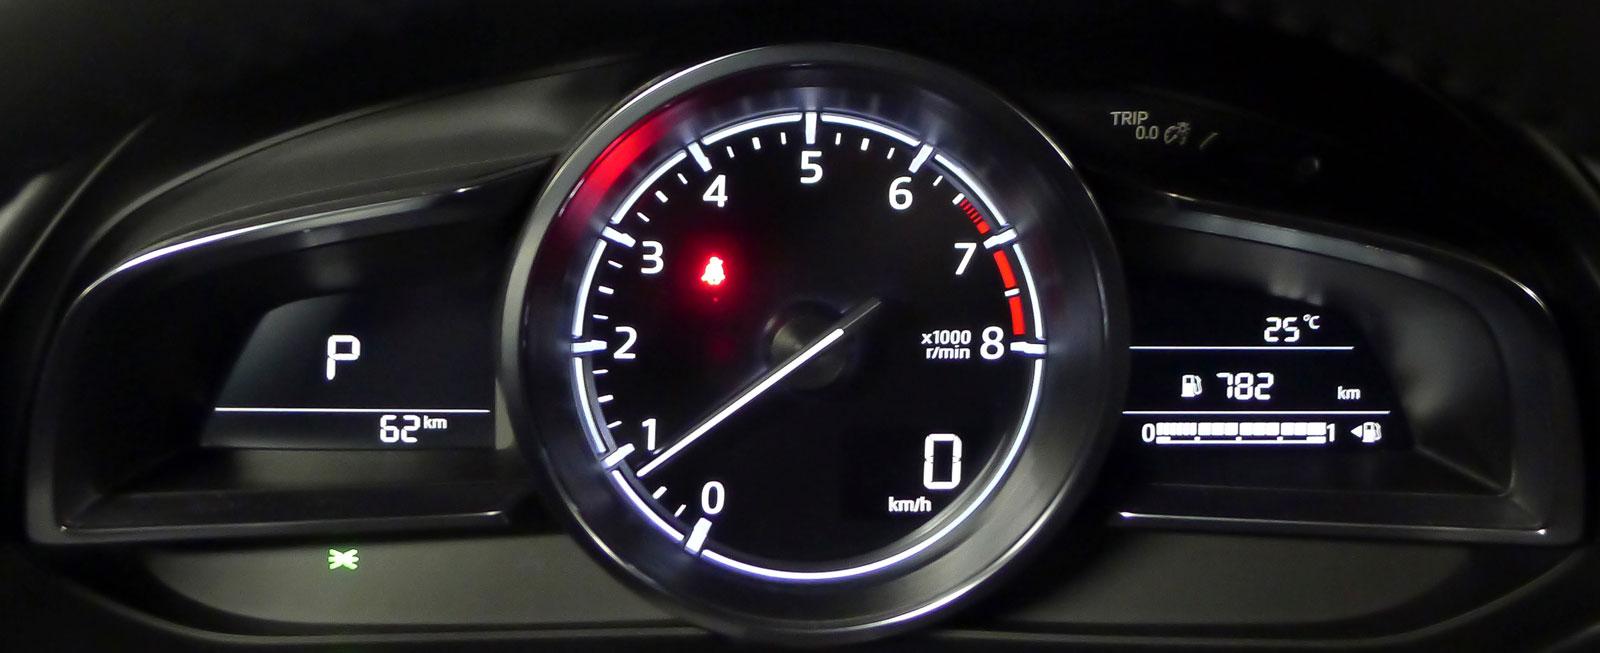 Mazda har en tajt instrumentgrupp med extremt stor varvräknare och bara en liten, digital hastighetsmätare. Grafiken är ny för i år och vindrutedisplayen har fått tydligare visning.